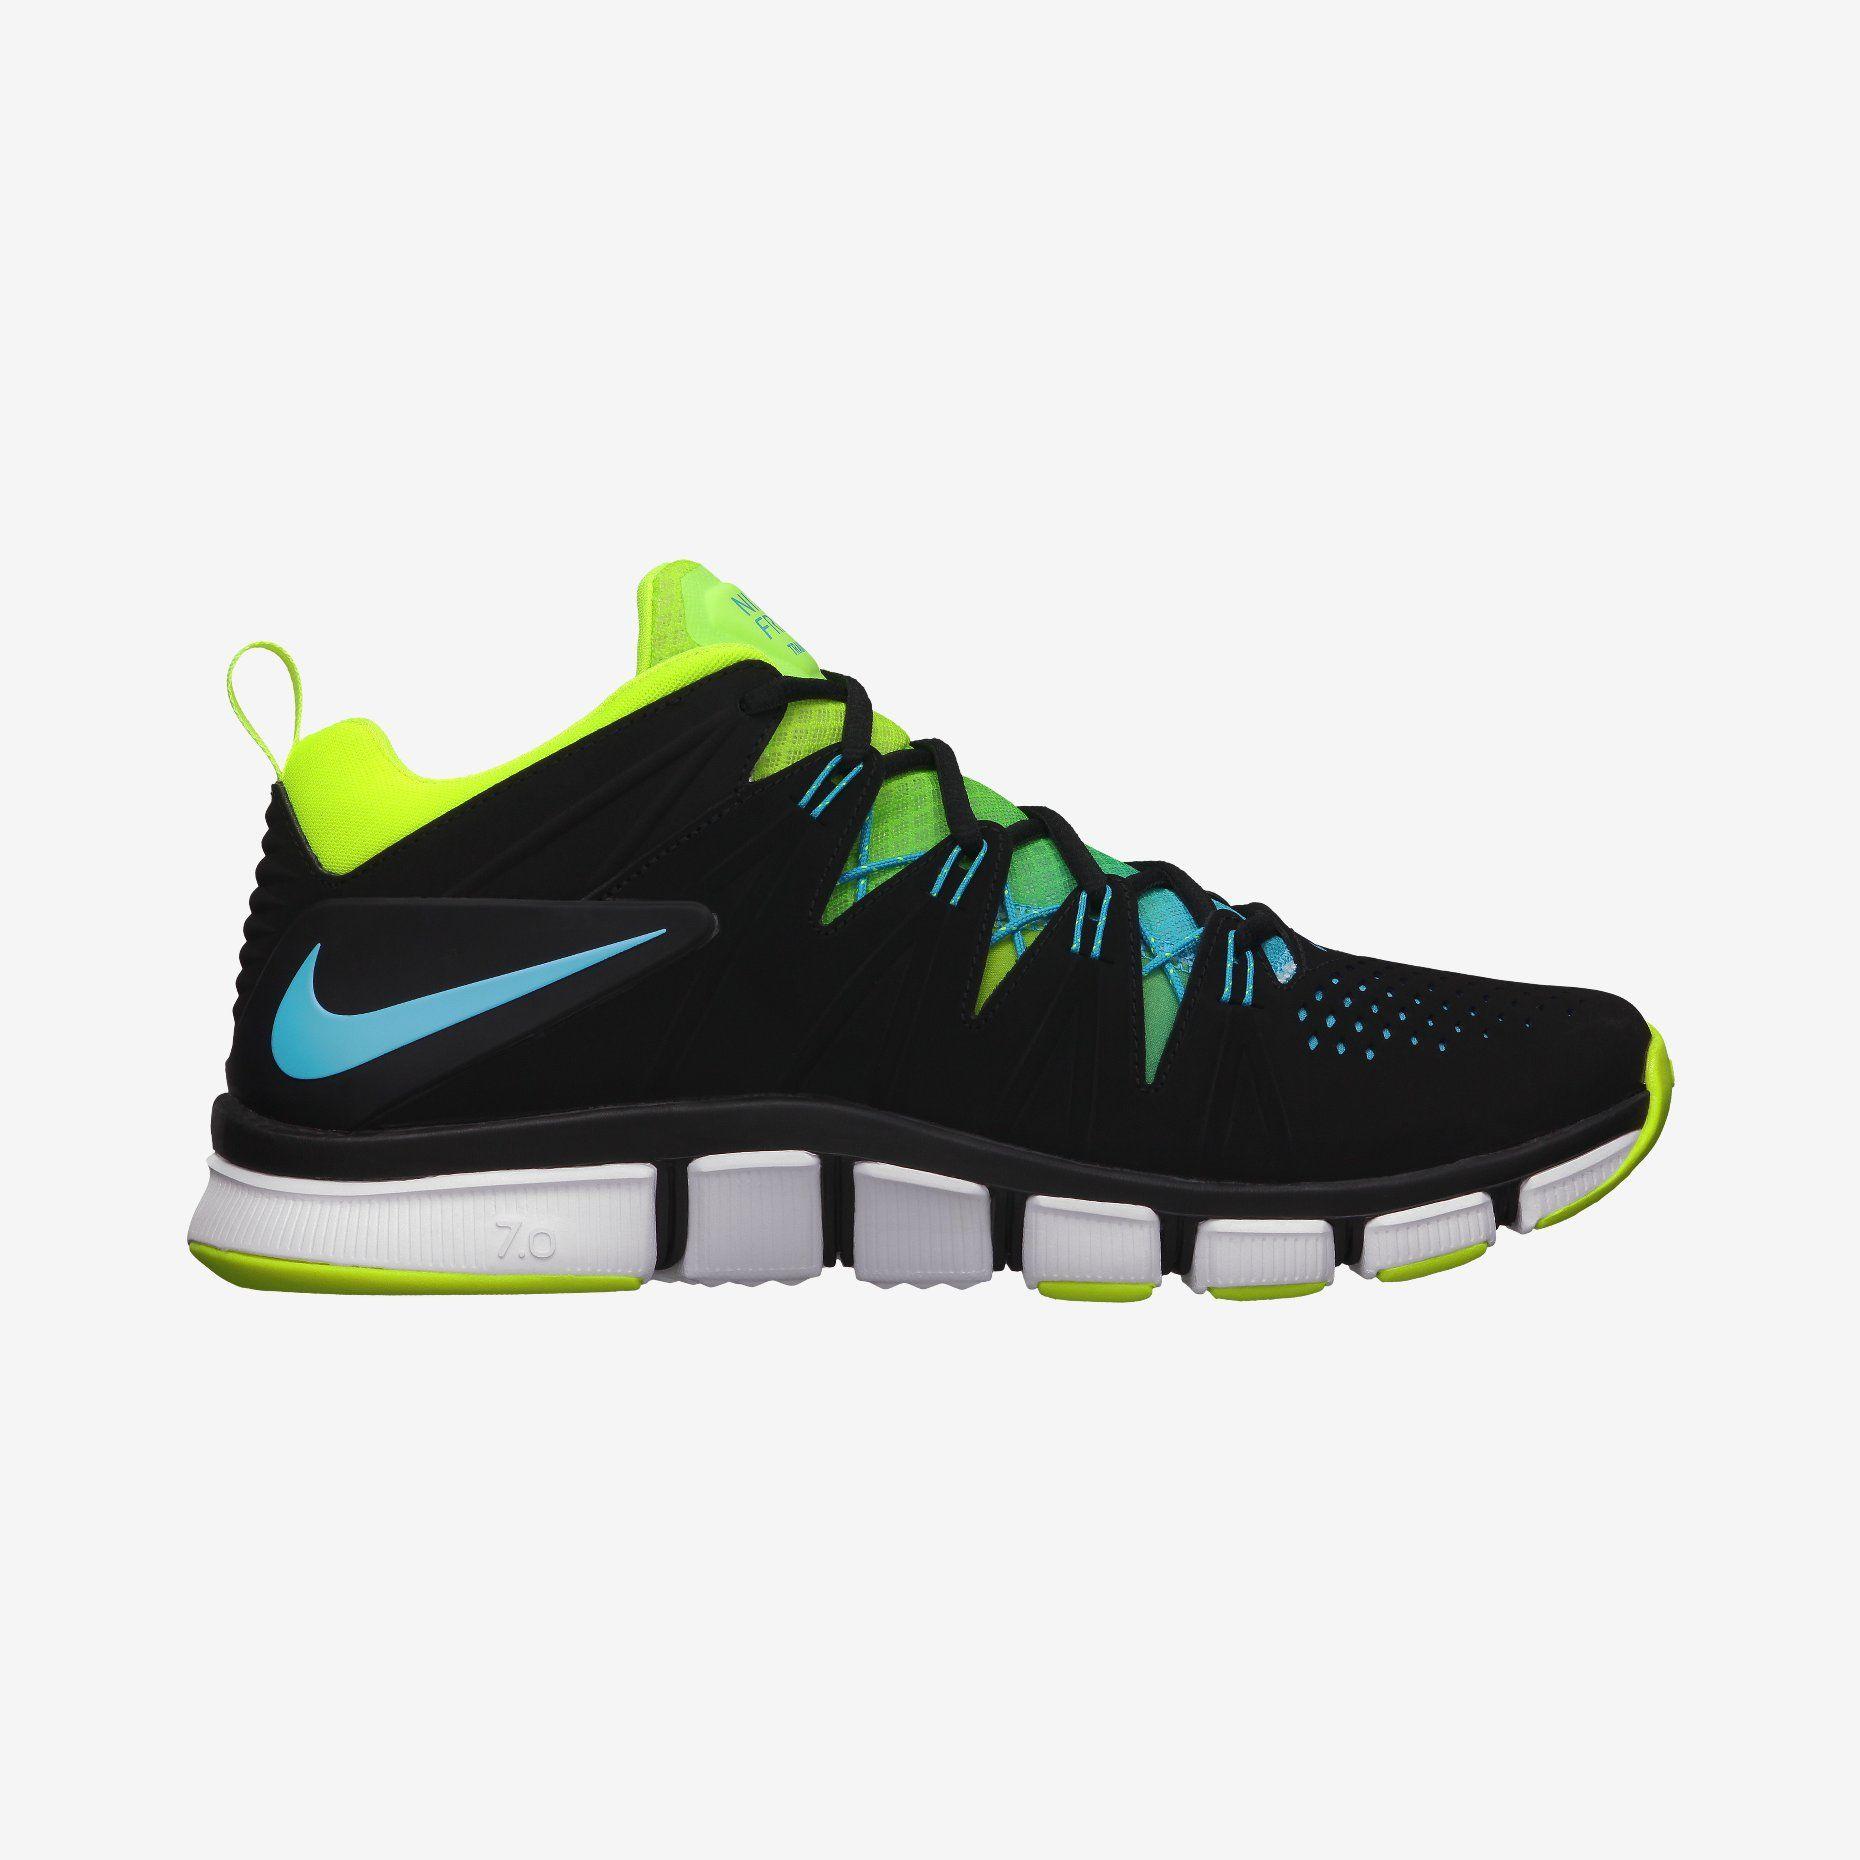 35fa165a9fa Discover ideas about Nike Sb Shoes. Nike Free Trainer 3 0 Anderson Silva ...